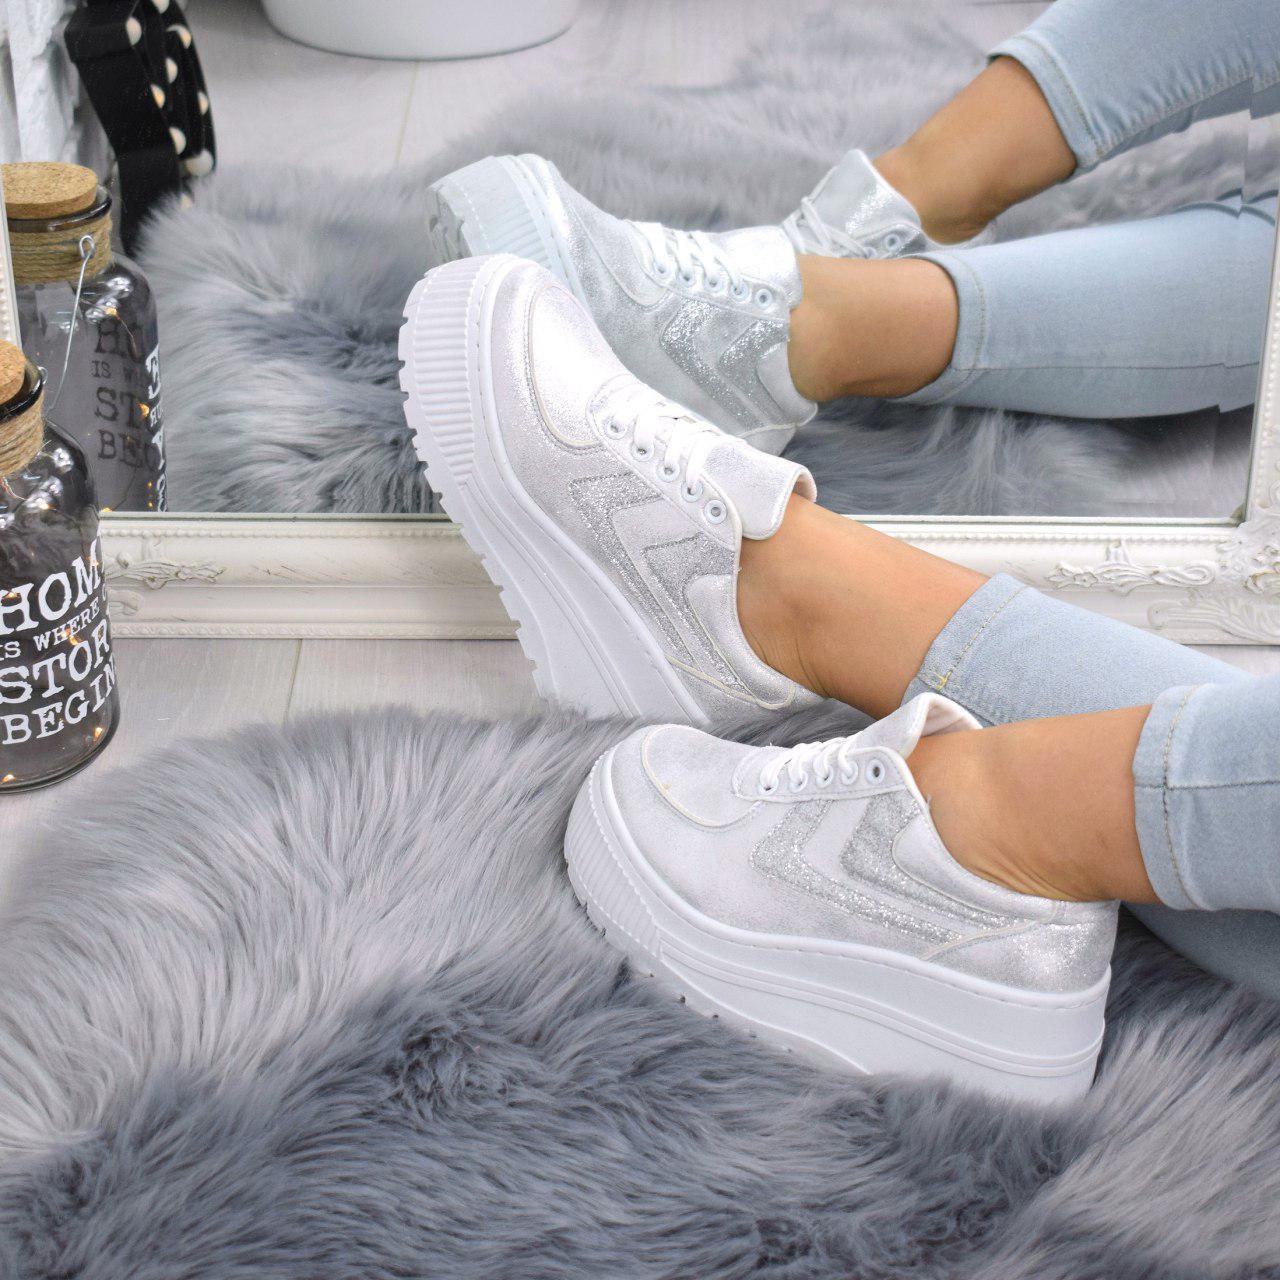 """Кроссовки, кеды, мокасины на платформе """"Dabora"""" белые, эко замша, повседневная, спортивная, удобная обувь"""